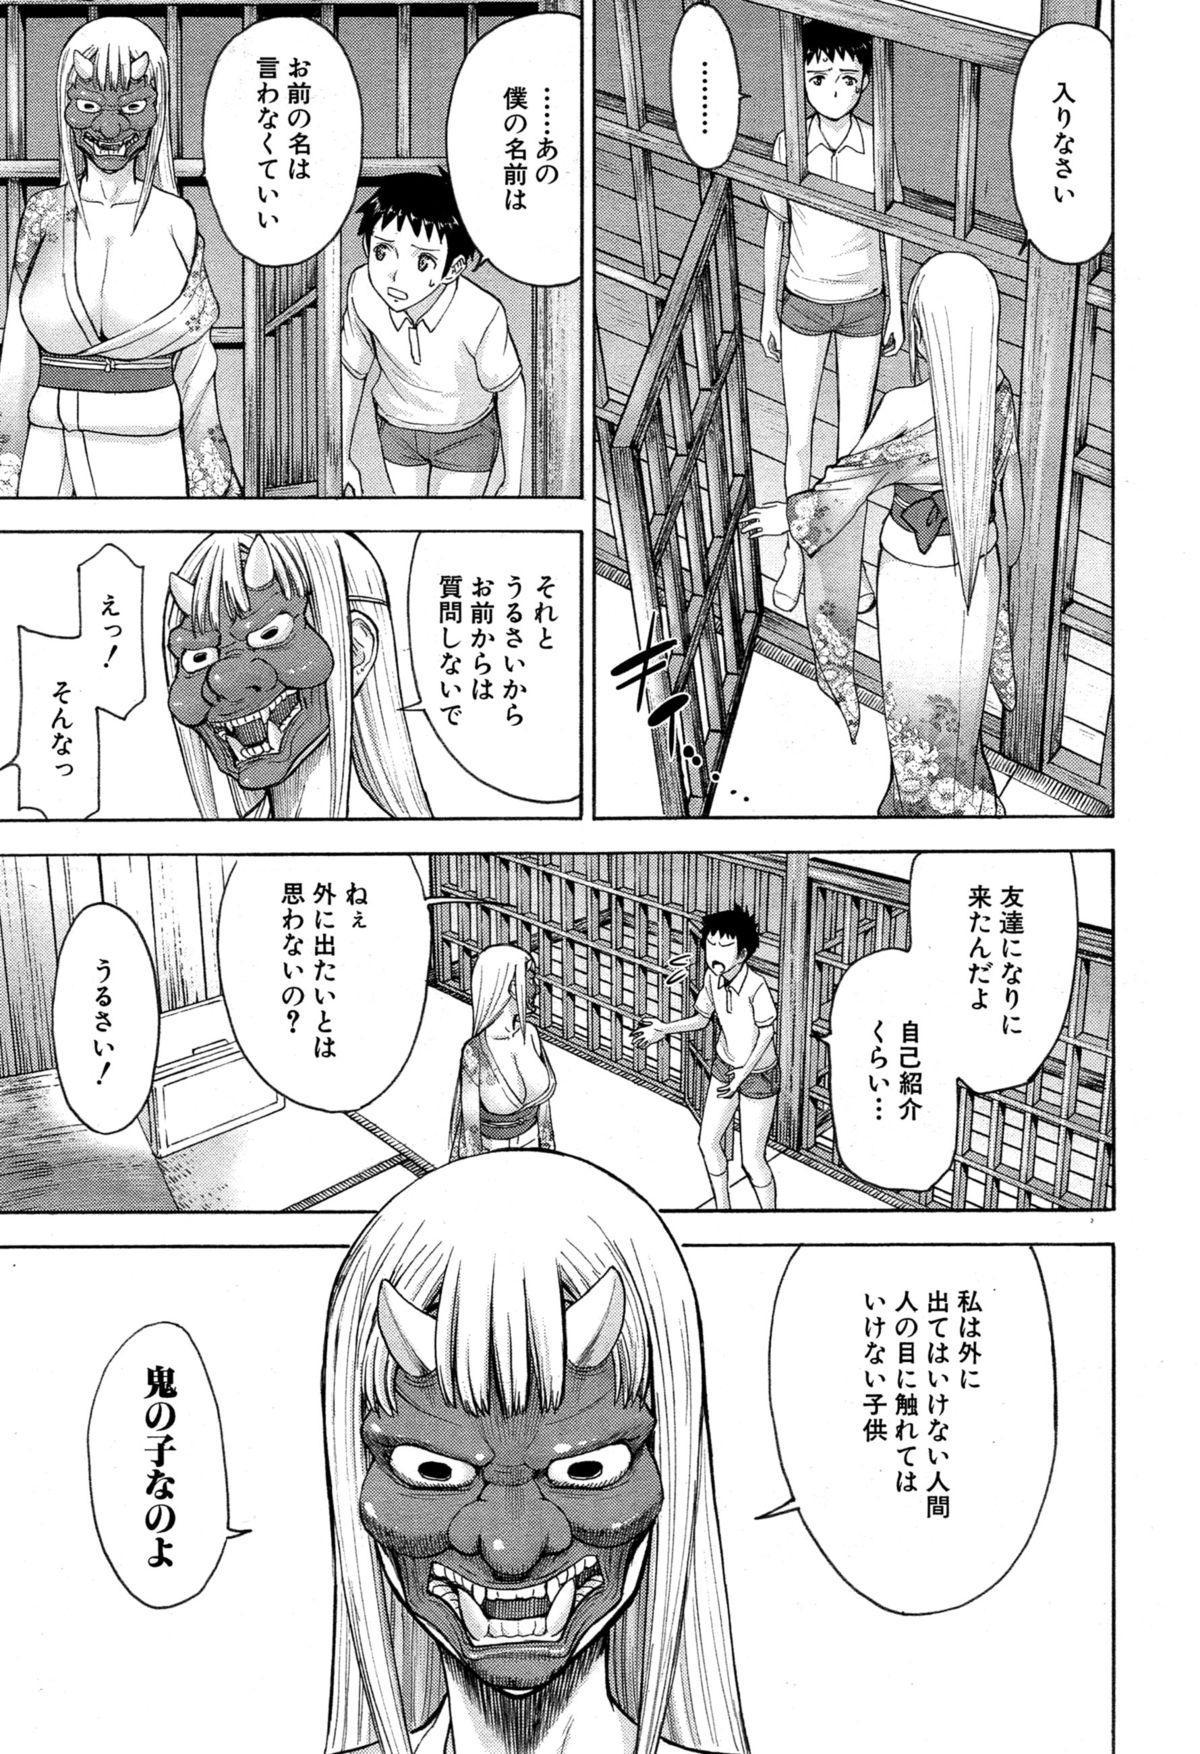 Zashikihime no Omocha Ch. 1-6 38